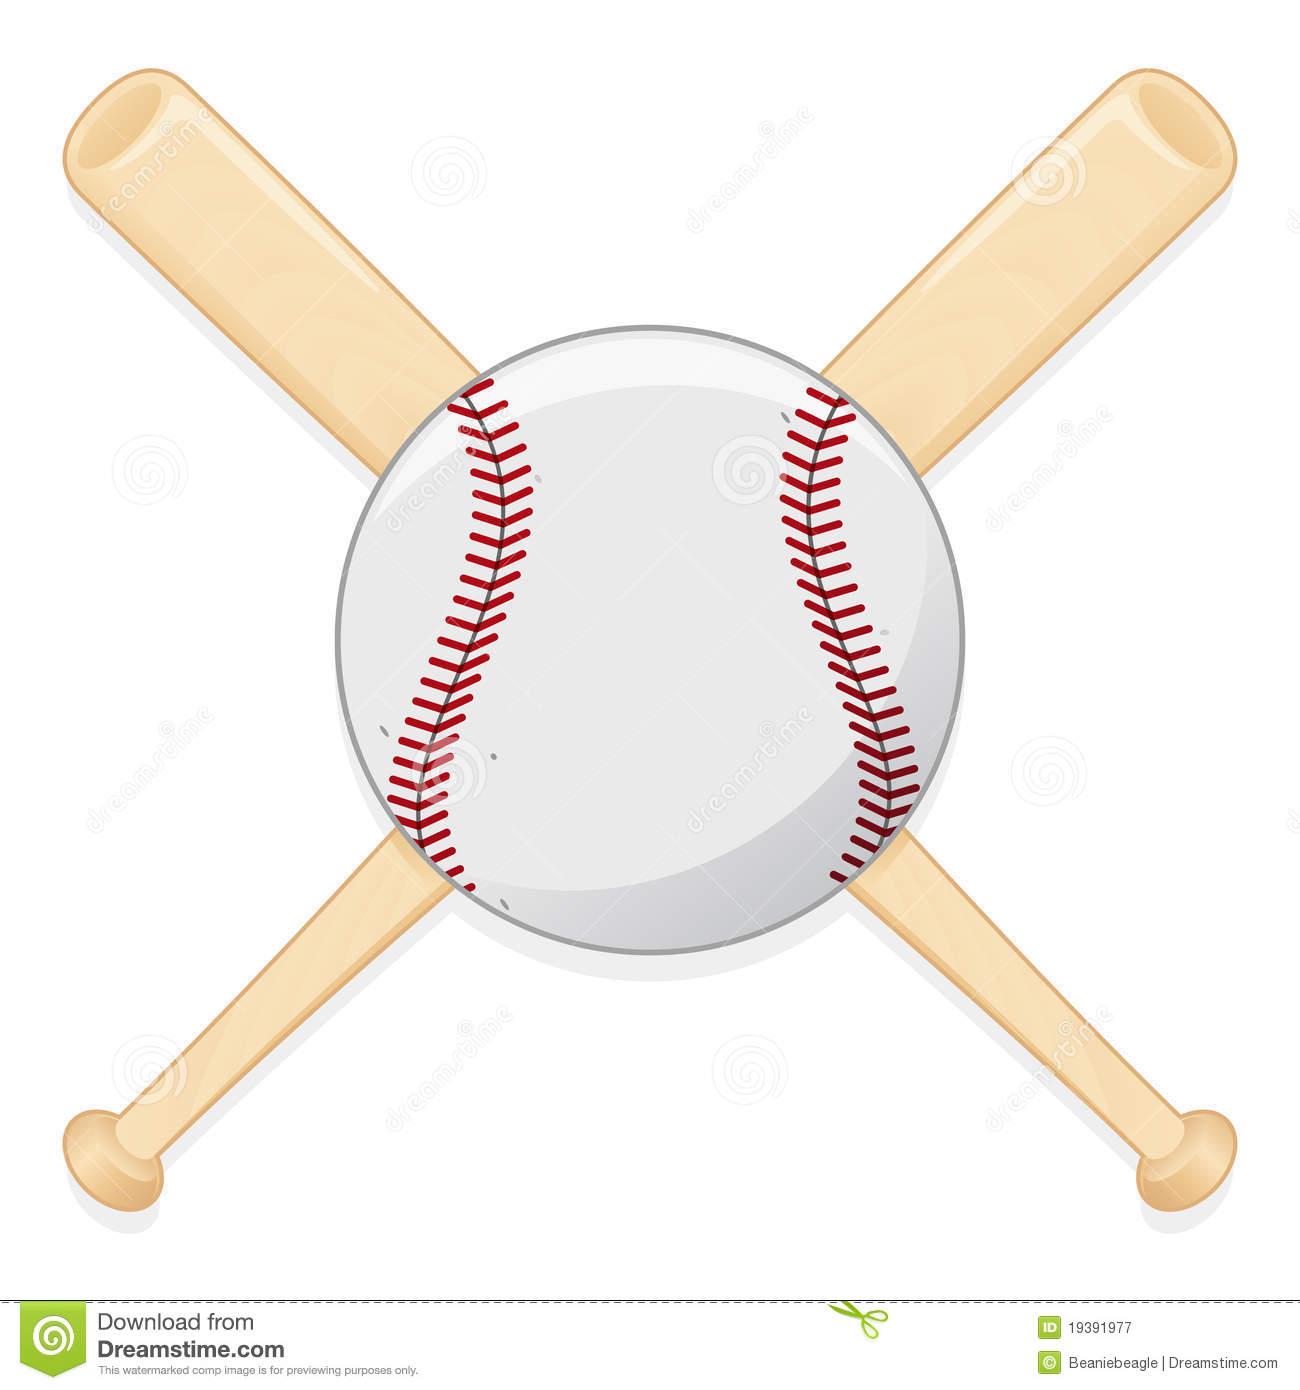 Bat clipart boll. Baseball images image group